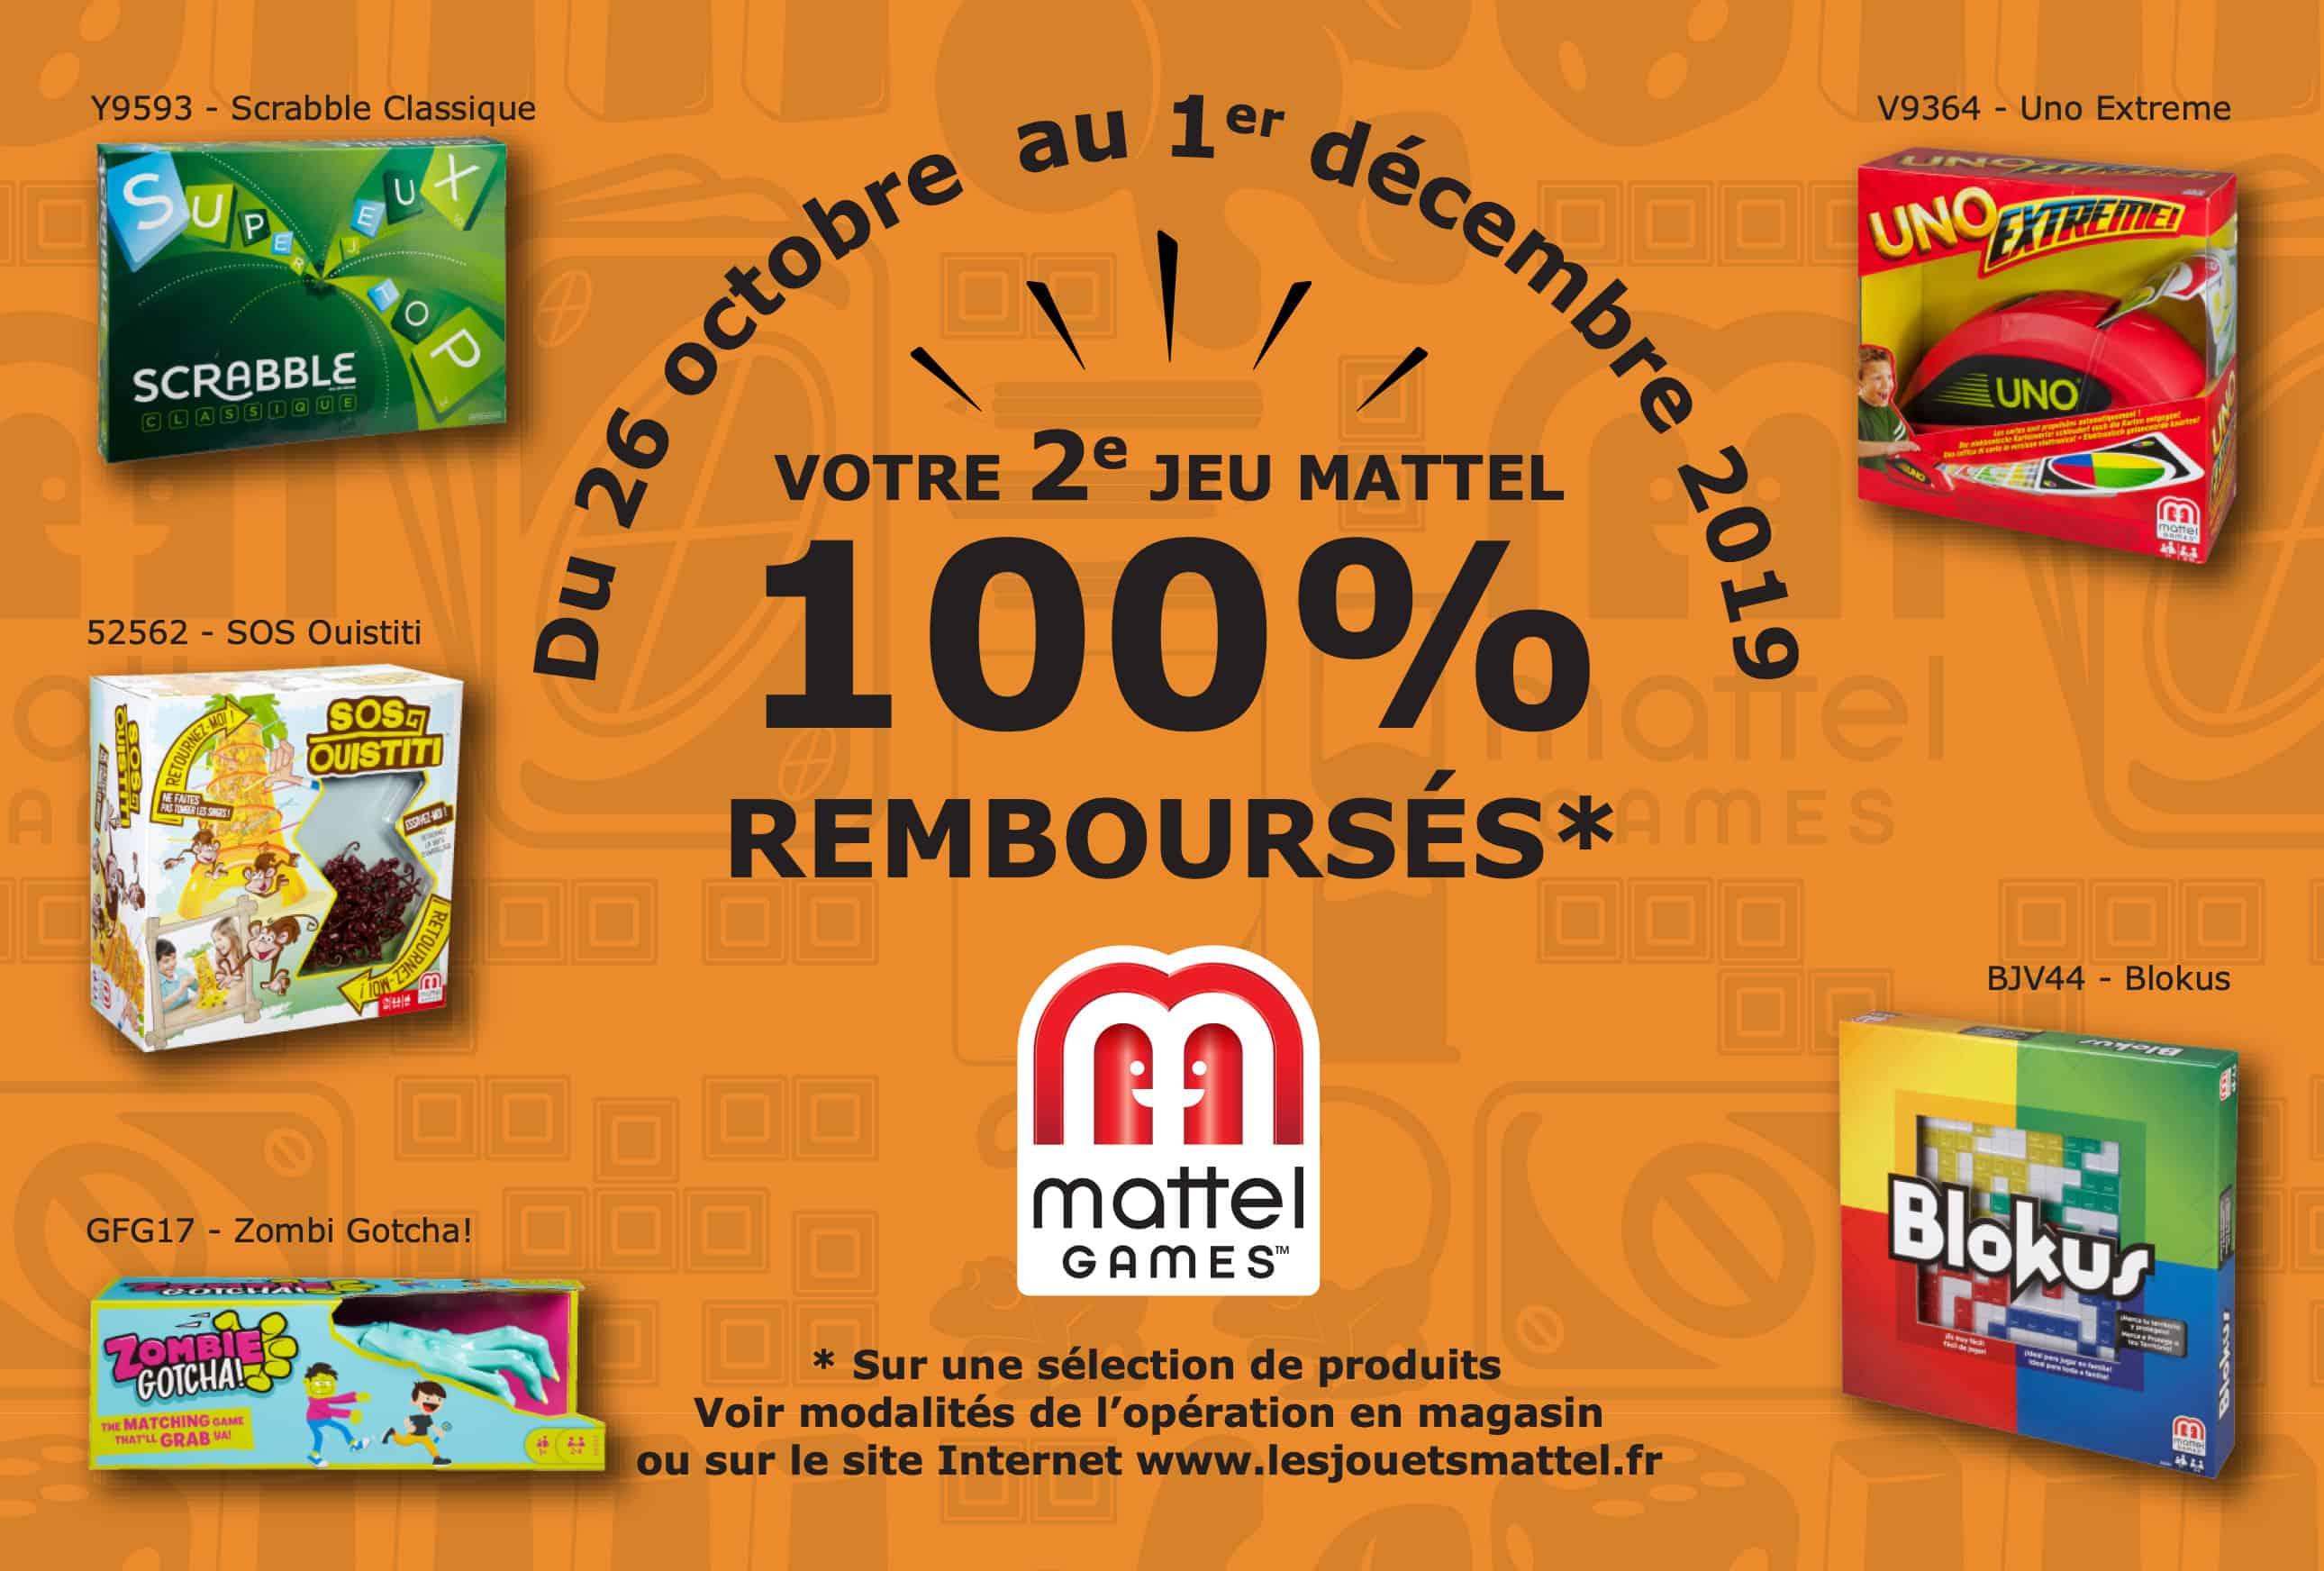 Votre 2ème Jeu Mattel games 100% remboursé